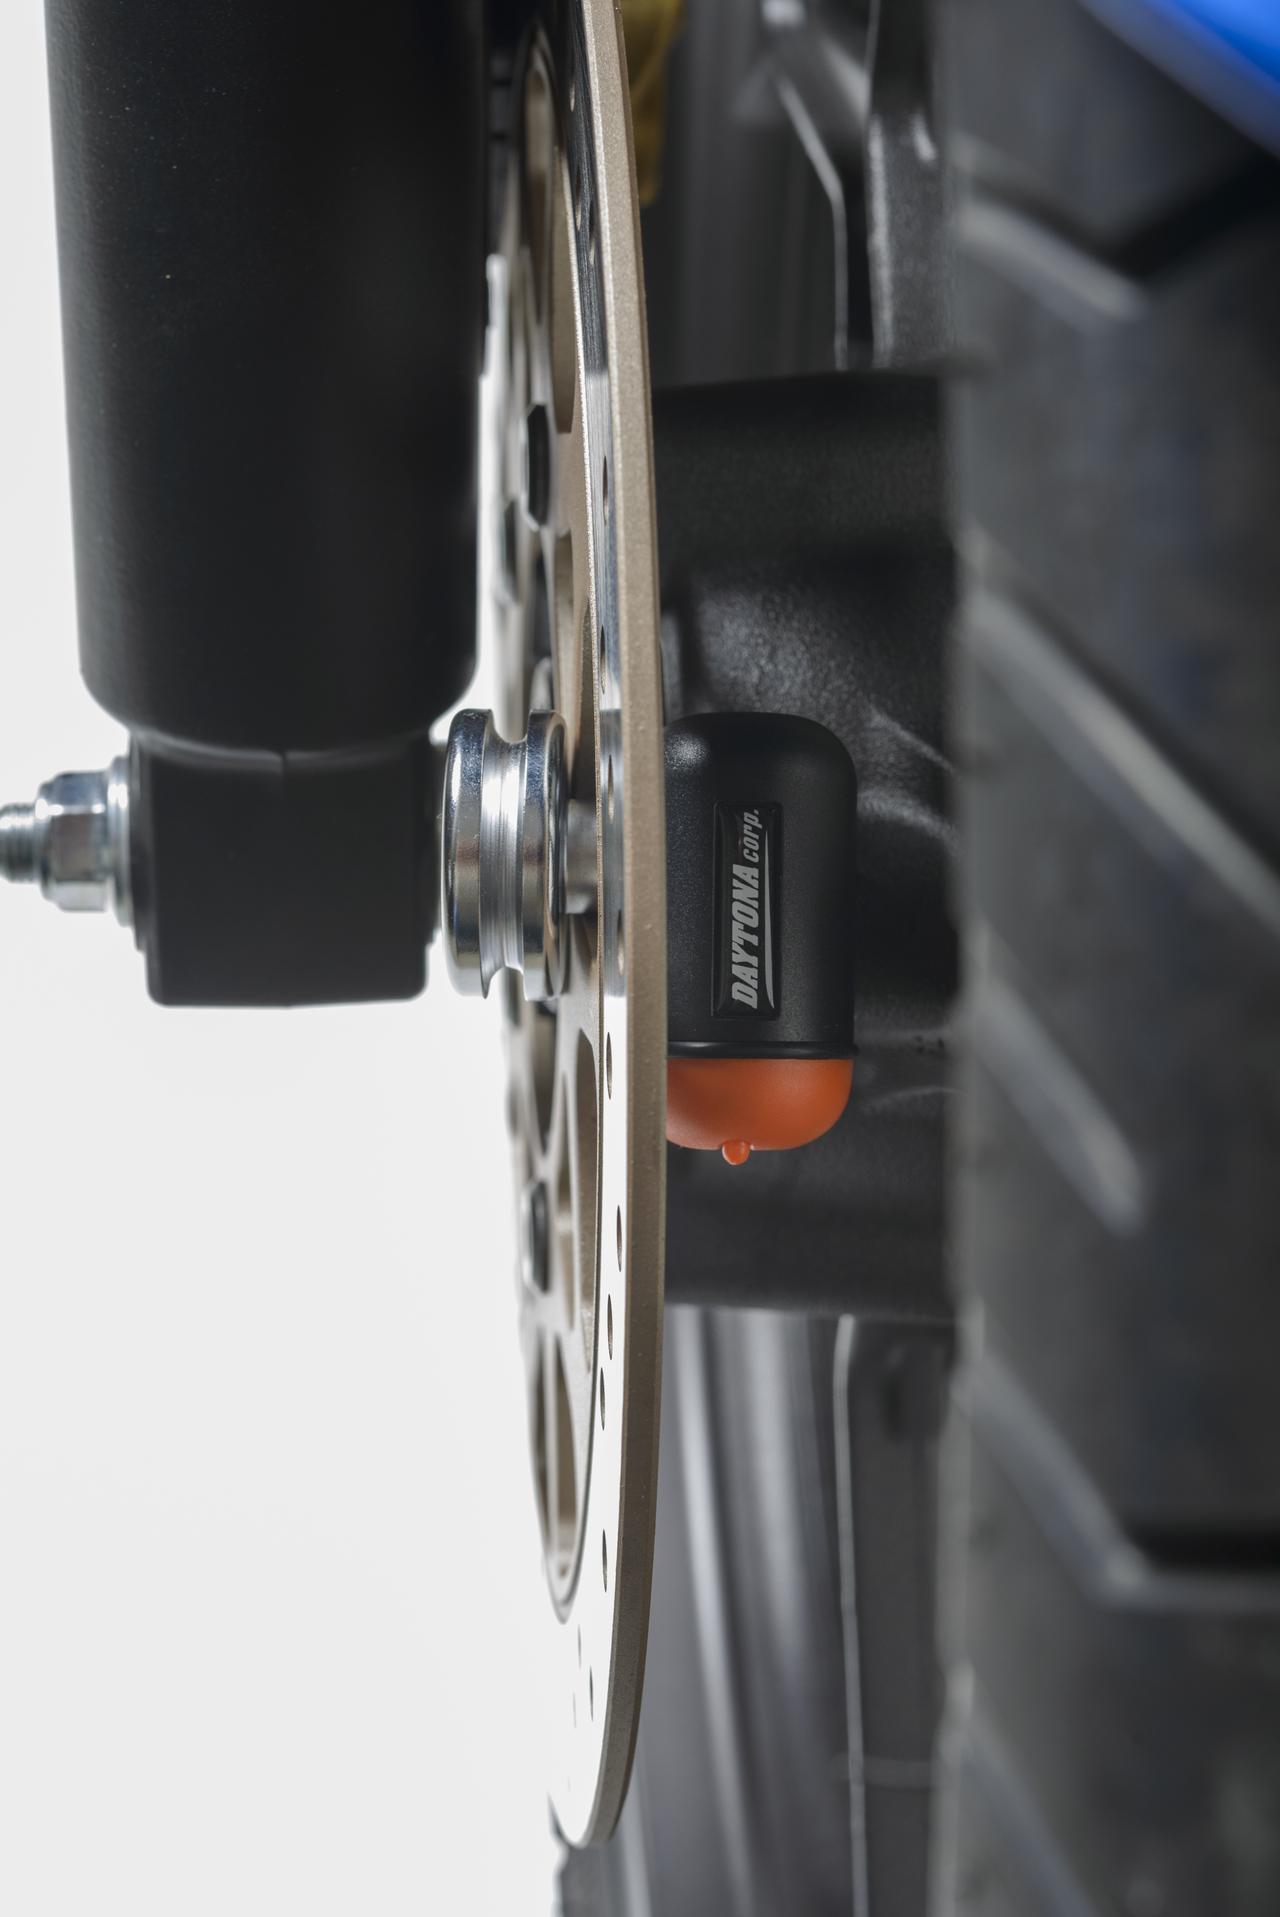 画像: シャフトをディスクプレートの穴に差し込んで、ロック本体を反対側から挟み込むようにして固定。ディスクの厚みが7㎜以上ある車種は確認が必要だが、ほとんどのオートバイは厚さ6㎜以下なので汎用性は抜群。